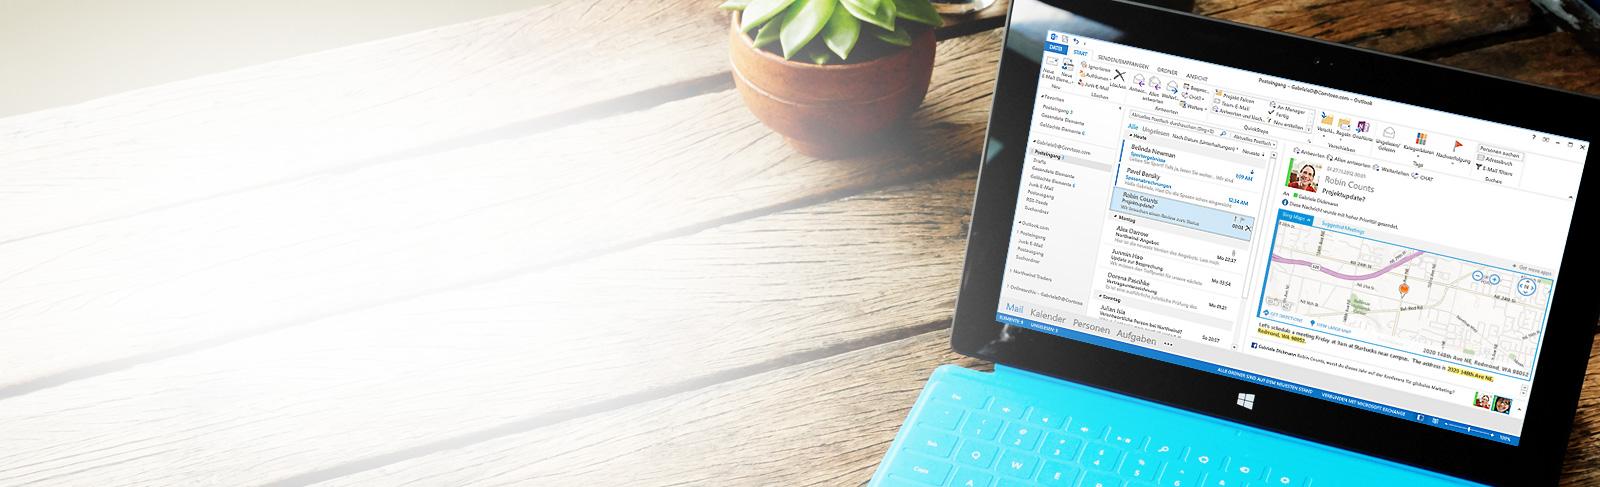 Microsoft Outlook 2013-Posteingang mit Nachrichtenliste und Vorschau auf einem Tablet